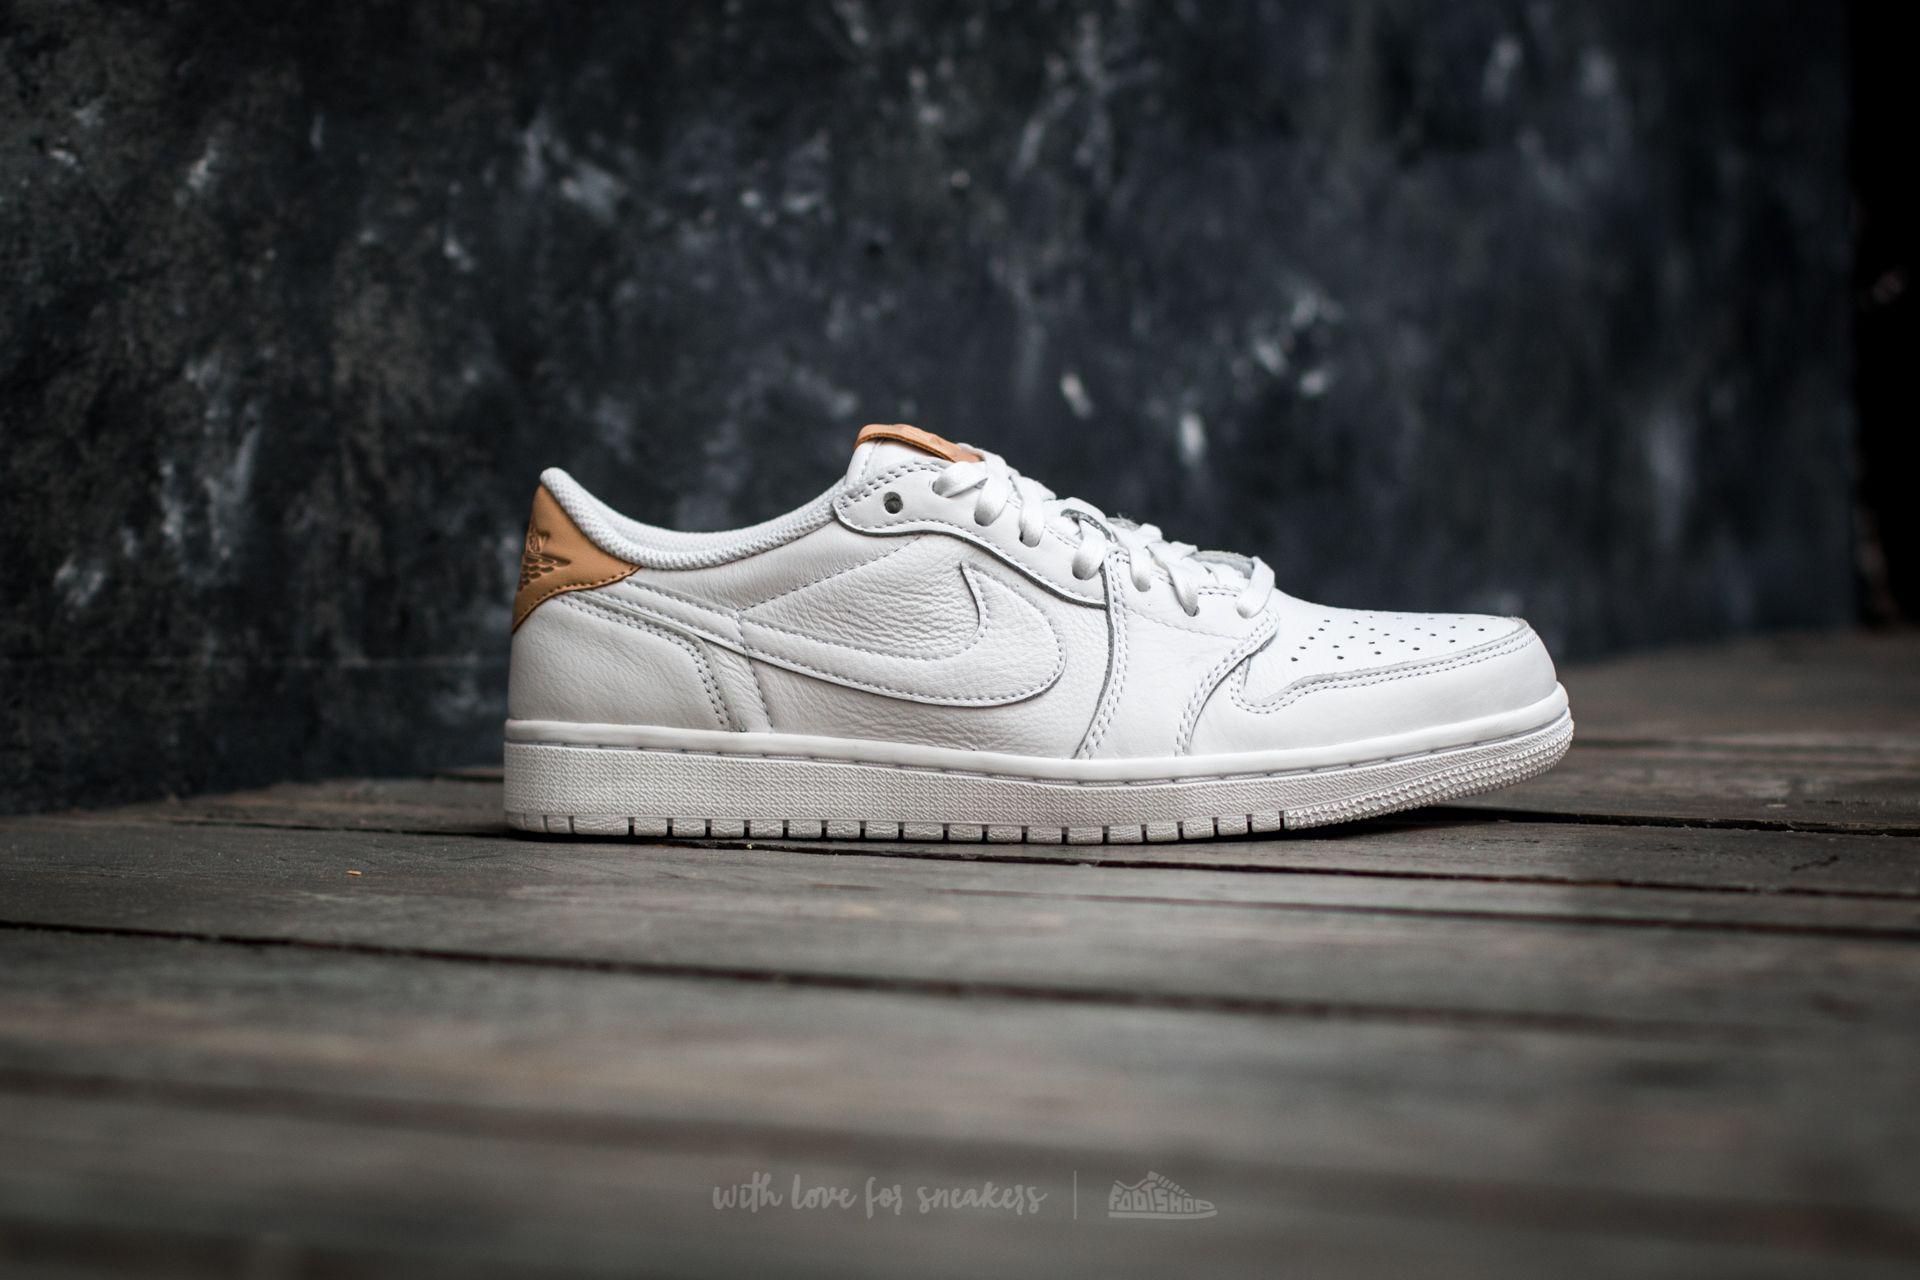 Nike Leather Air 1 Retro Low Og Premium White/ Vachetta Tan-white ...